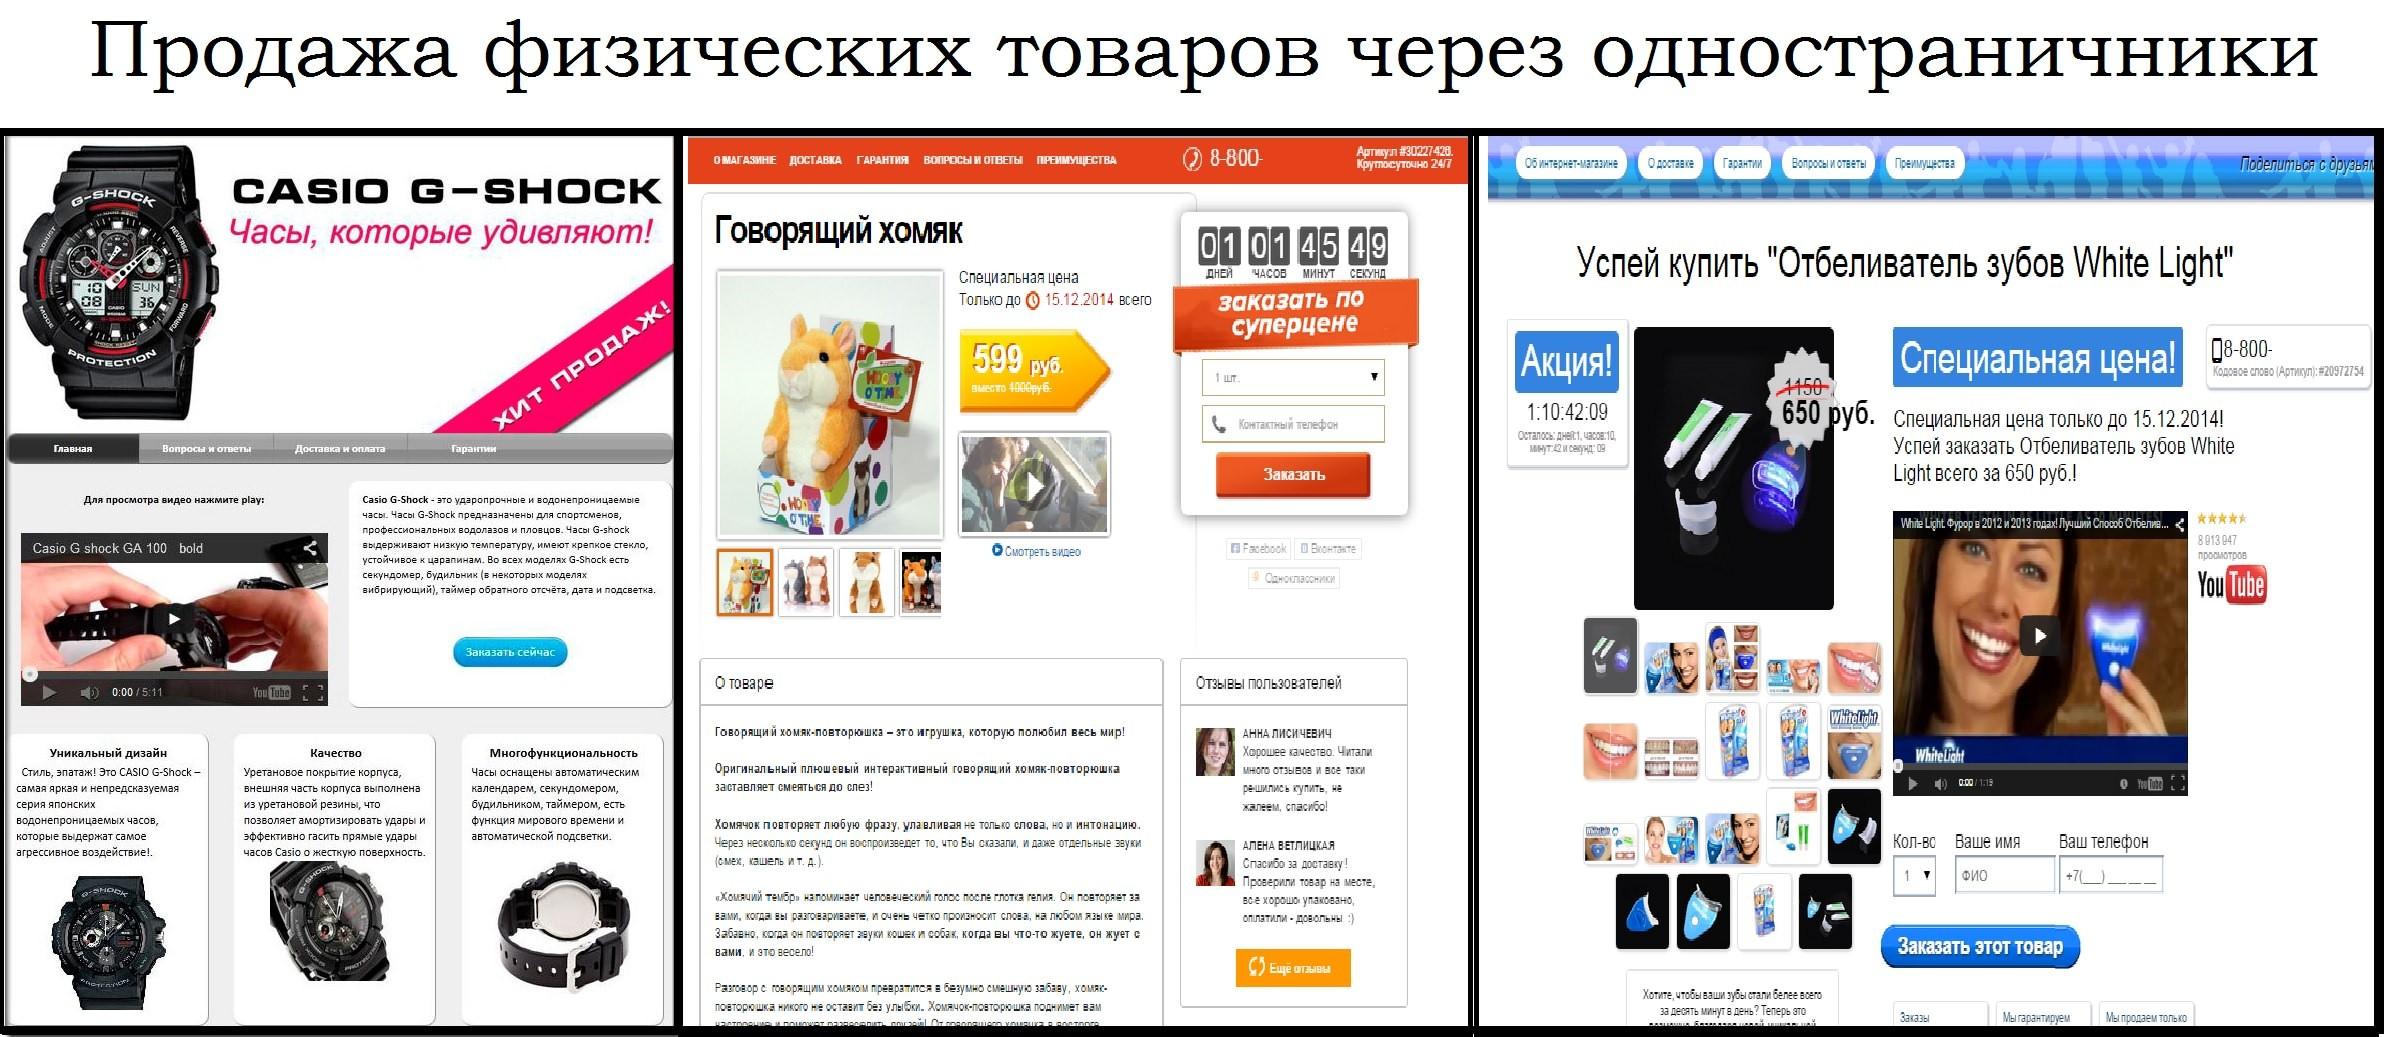 Как сделать фото странички в интернете